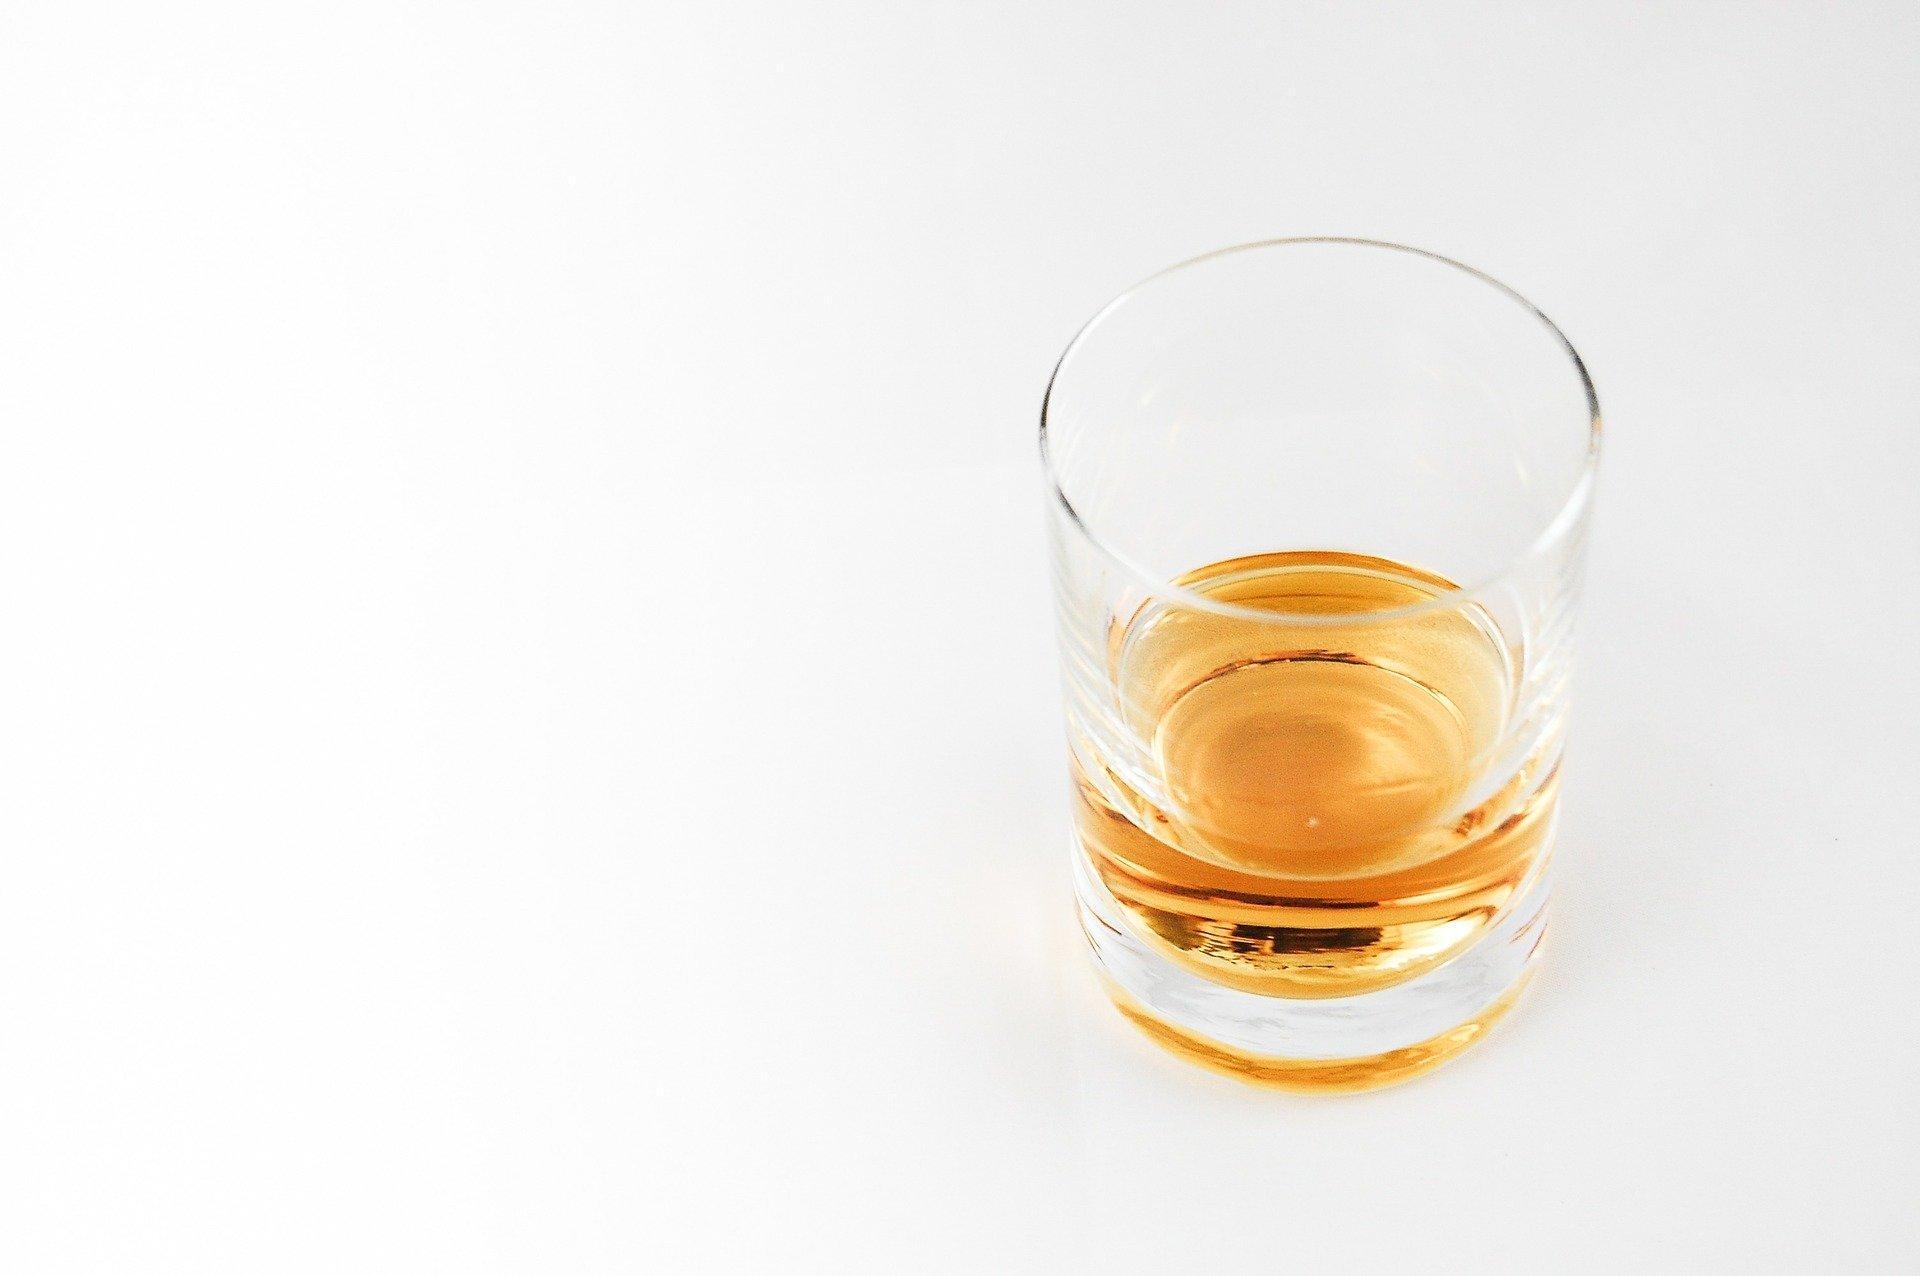 Trinken in der Schwangerschaft können Auswirkungen auf die psychische Gesundheit der Kinder